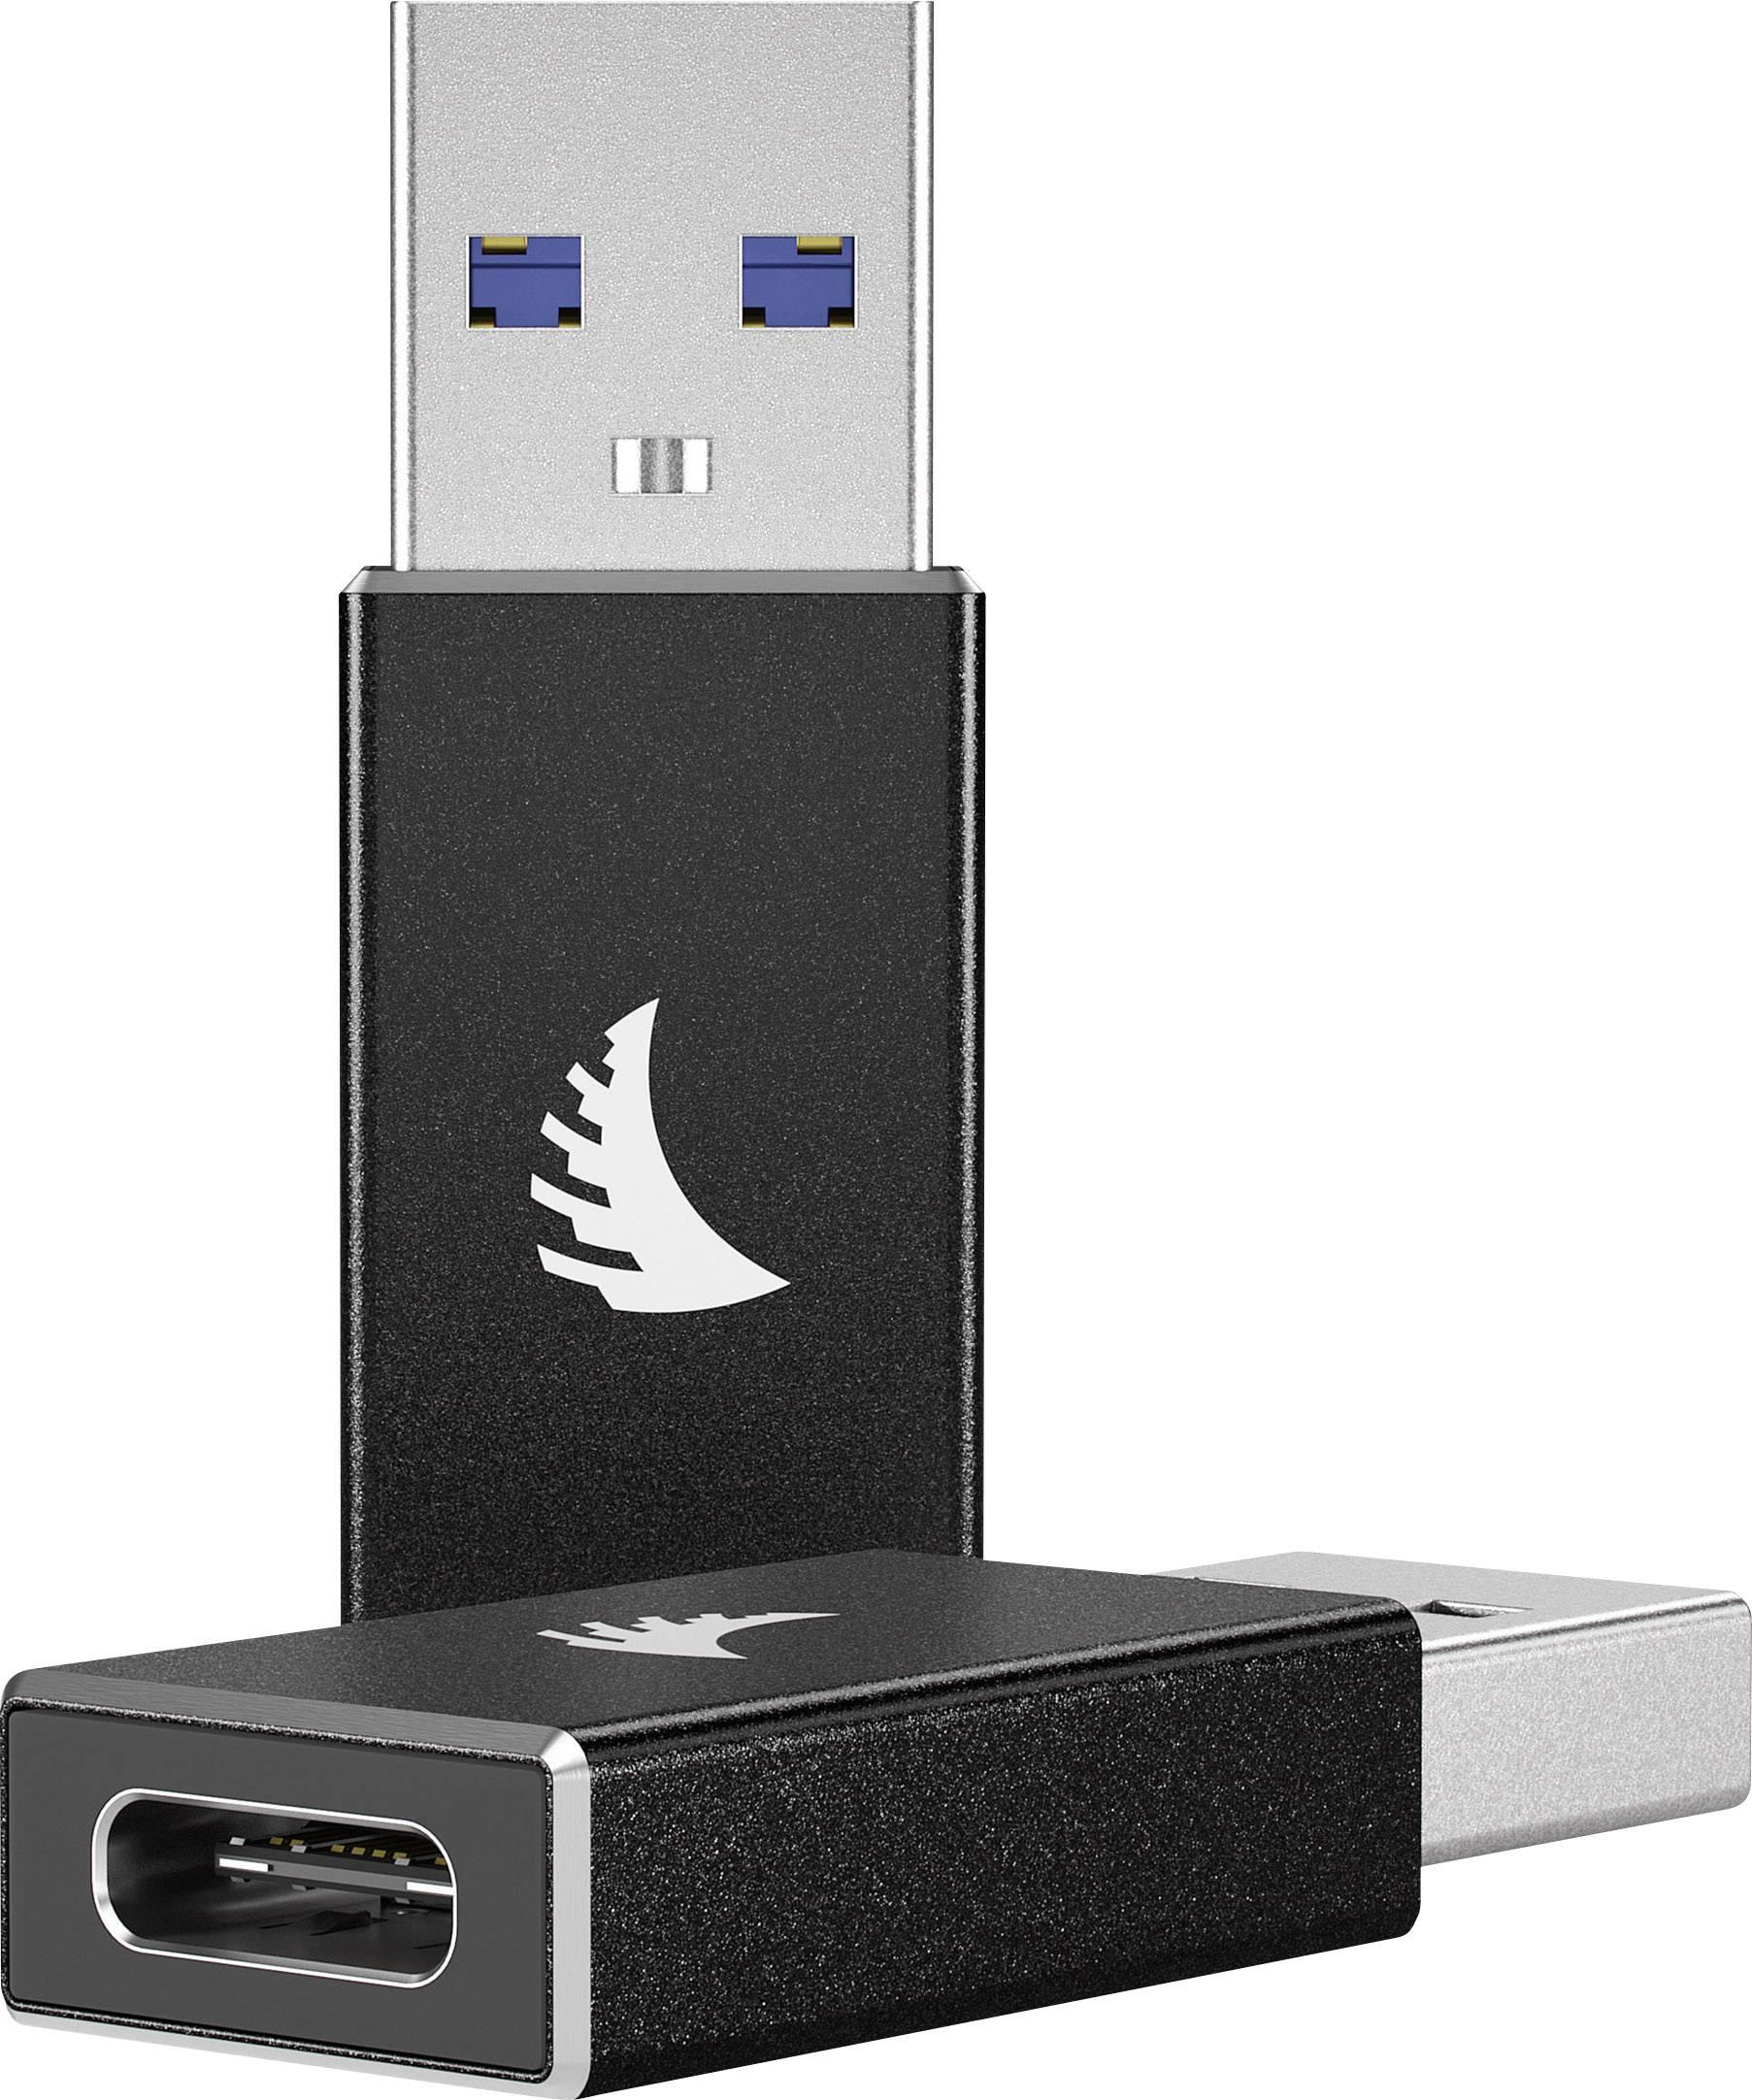 Angelbird USB 3.1 Adattatore [1x Spina A USB 3.1 - 1x presa USB-C™] USB-A-C